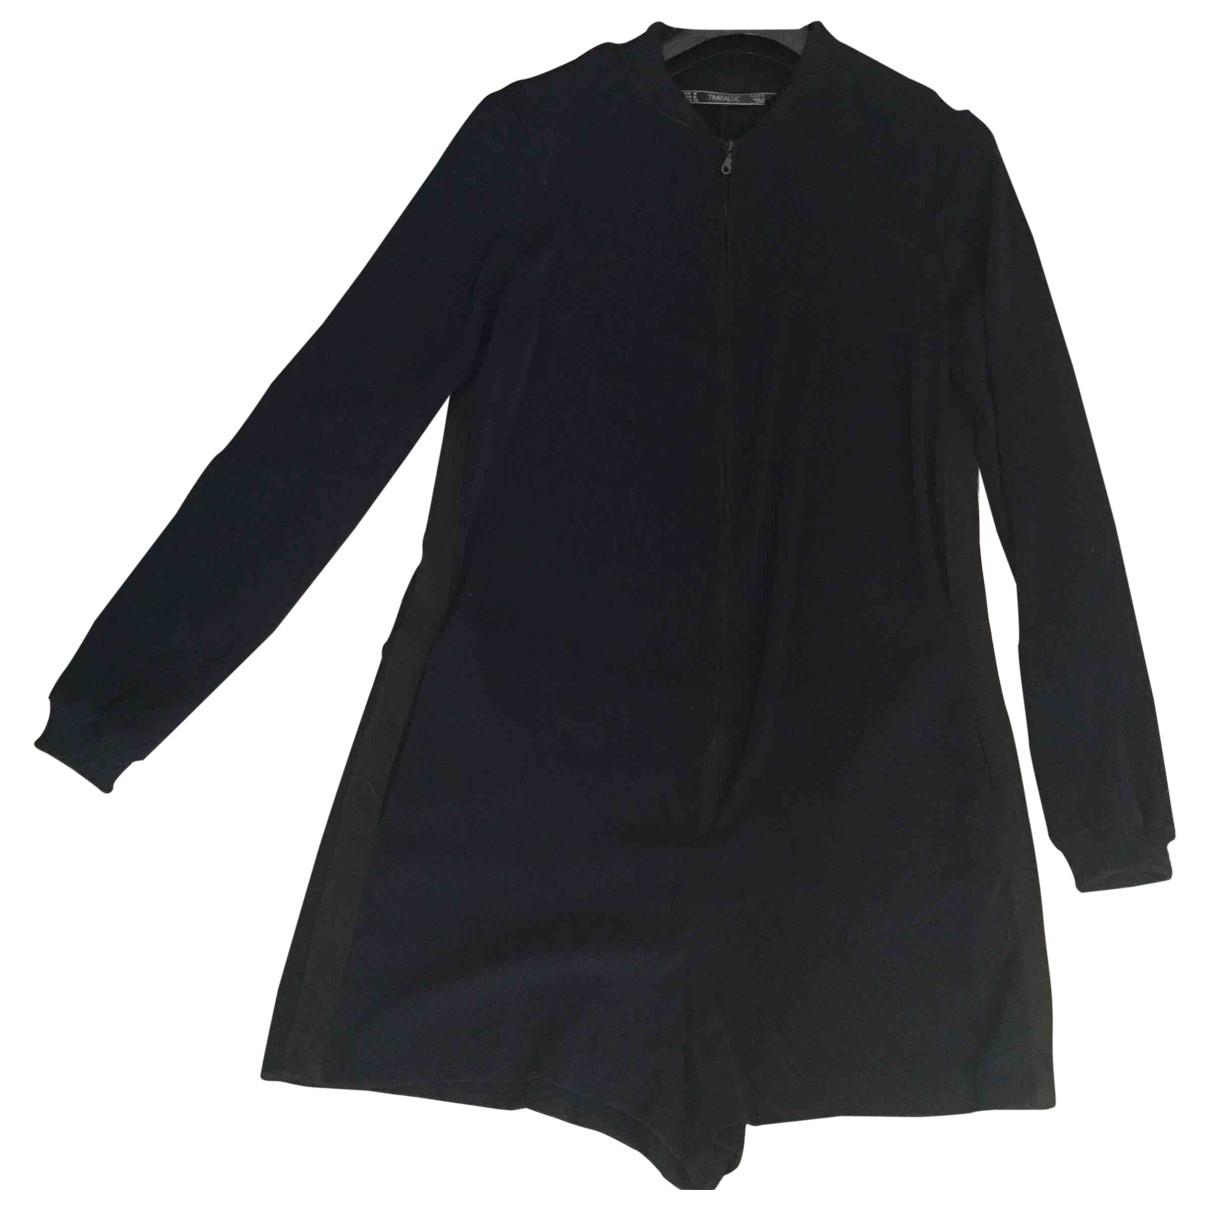 Zara \N Kleid in  Blau Polyester